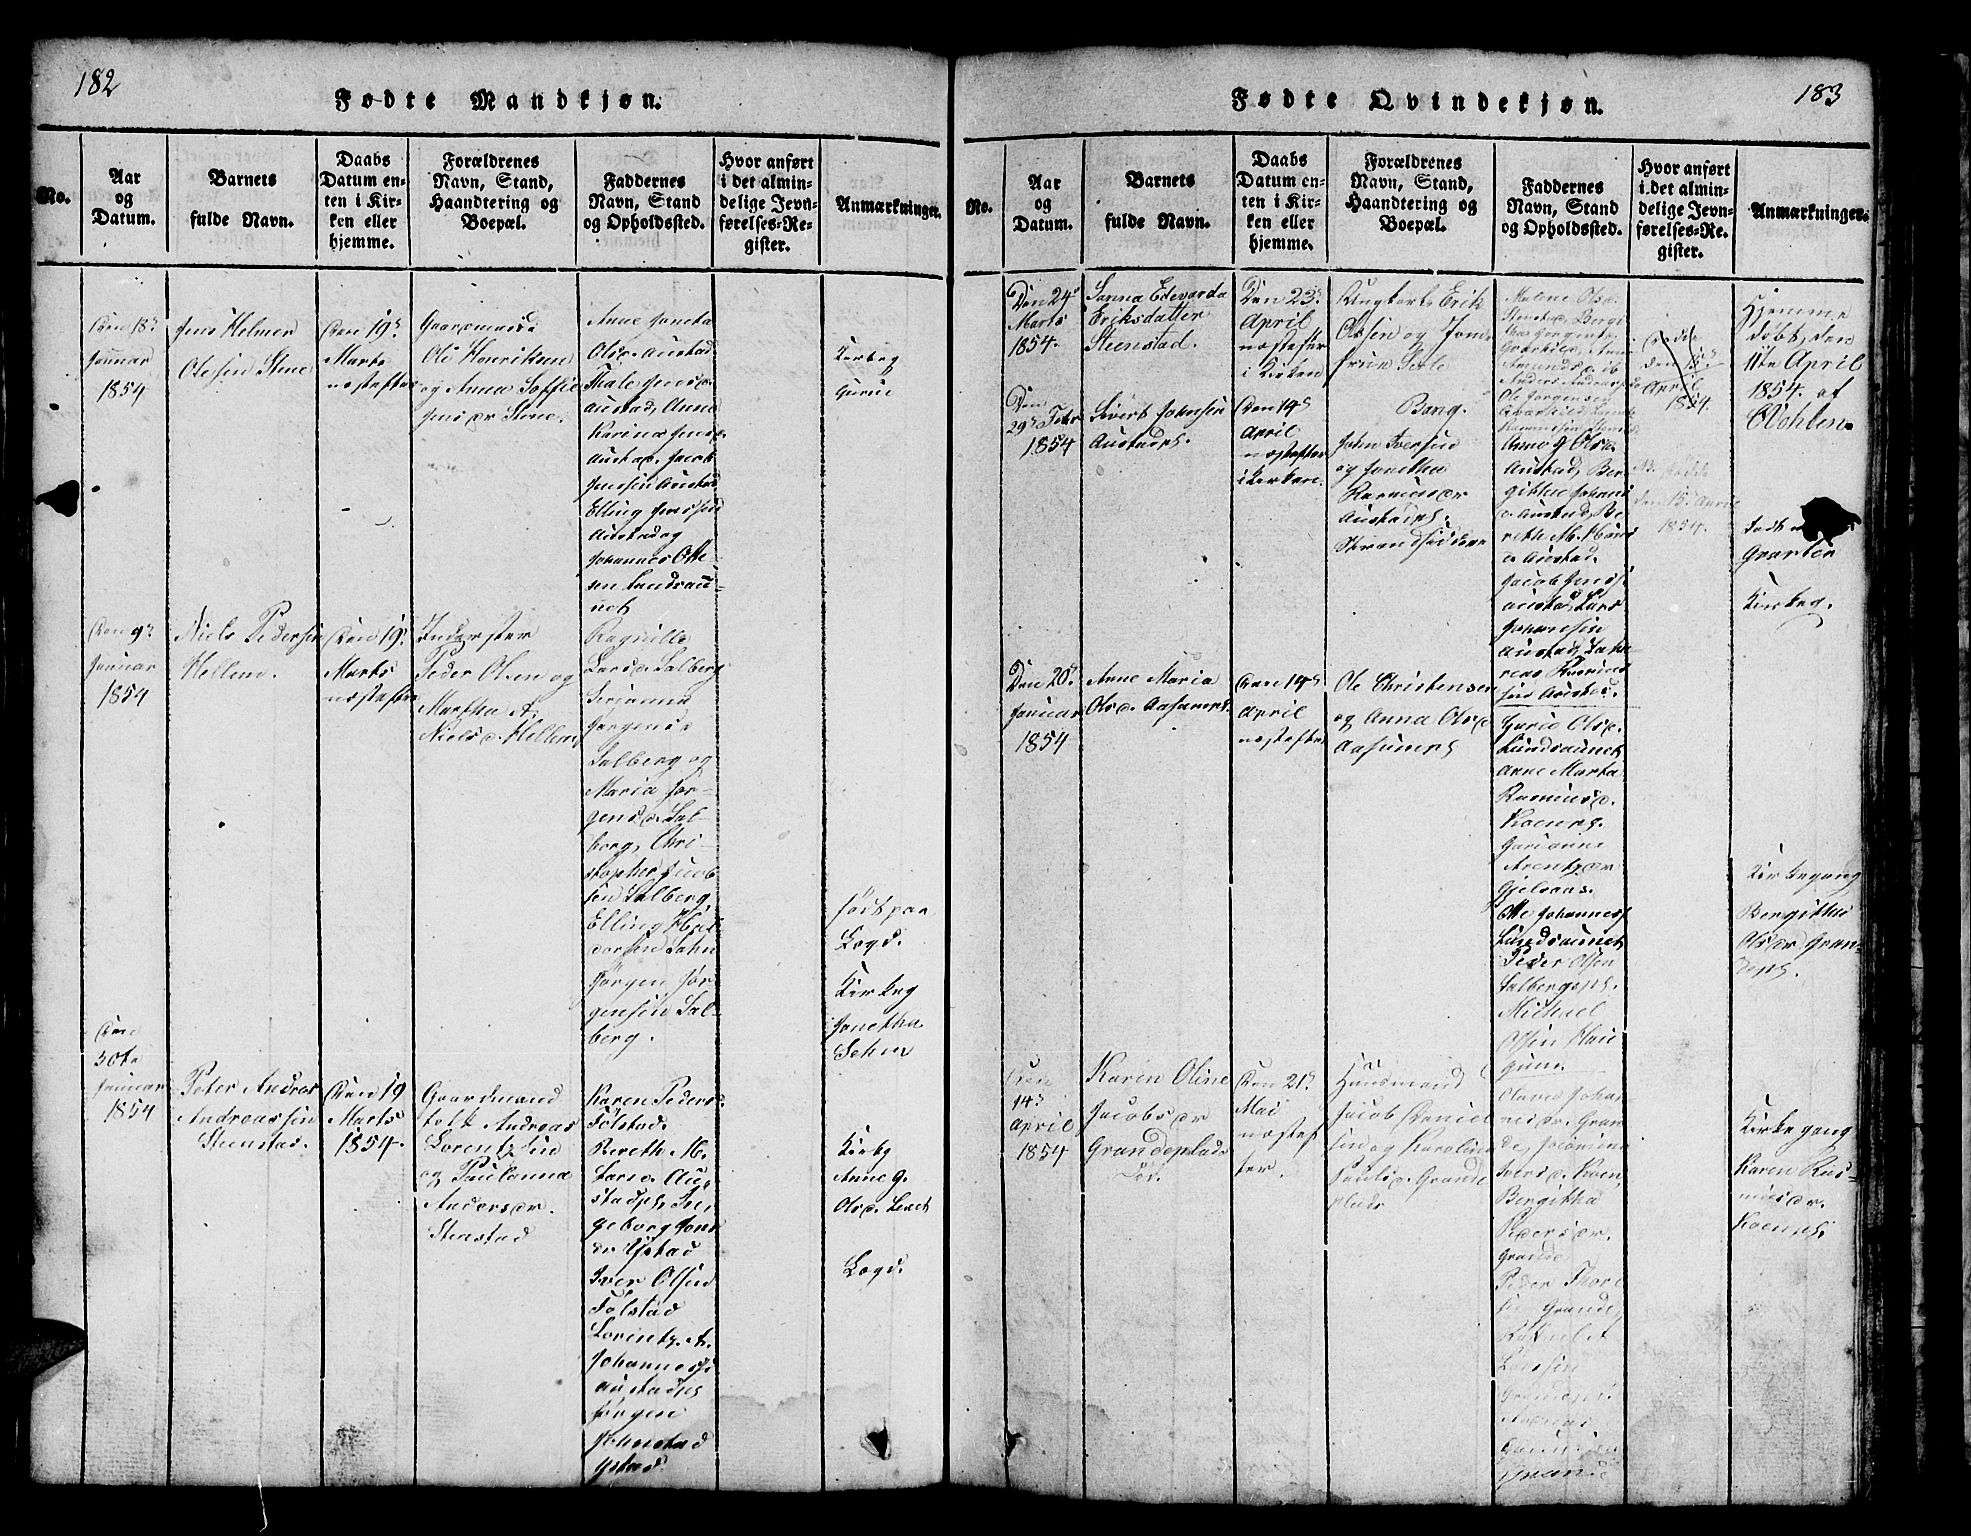 SAT, Ministerialprotokoller, klokkerbøker og fødselsregistre - Nord-Trøndelag, 731/L0310: Klokkerbok nr. 731C01, 1816-1874, s. 182-183